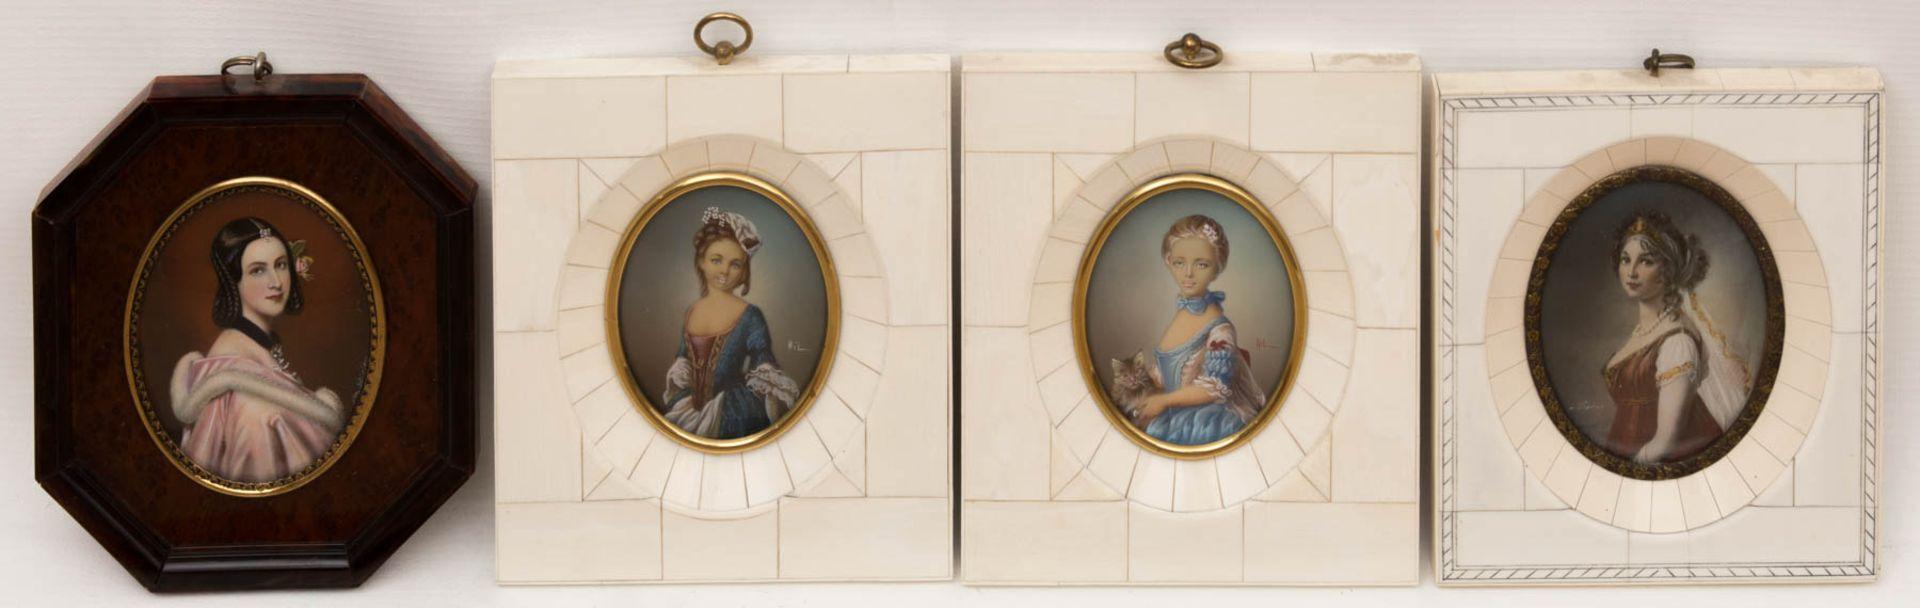 Konvolut von vier Miniaturmalereien im Elfenbeinrahmen.Sehr schön gearbeitete ovale D